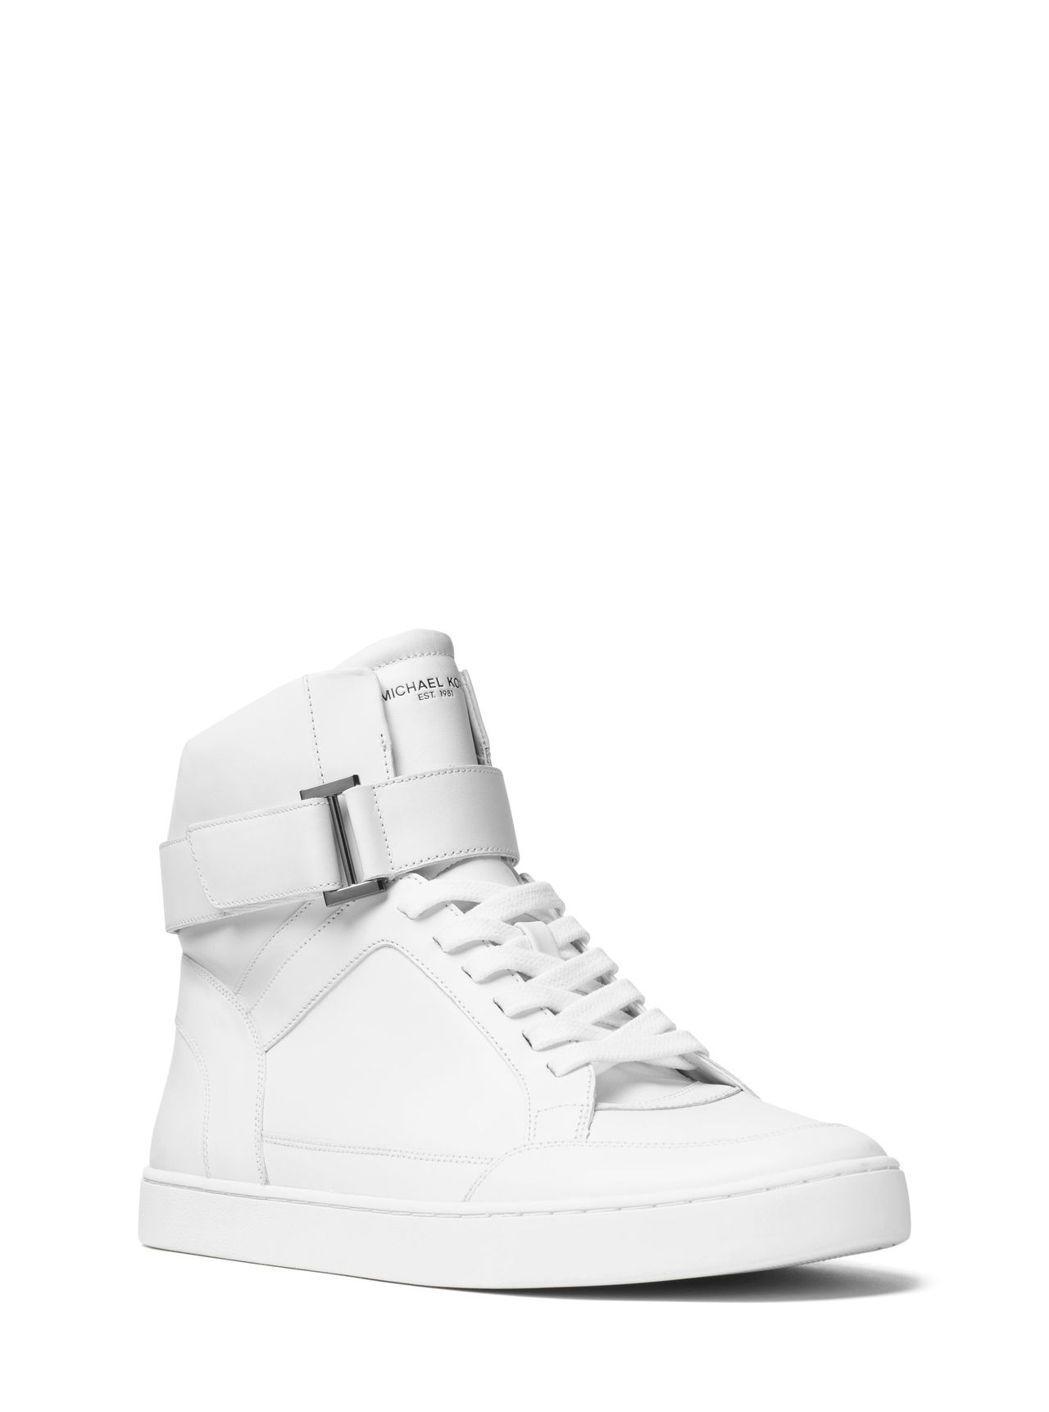 ANTHONY白色皮革高筒休閒鞋,售價12,100元。圖/MICHAEL KOR...